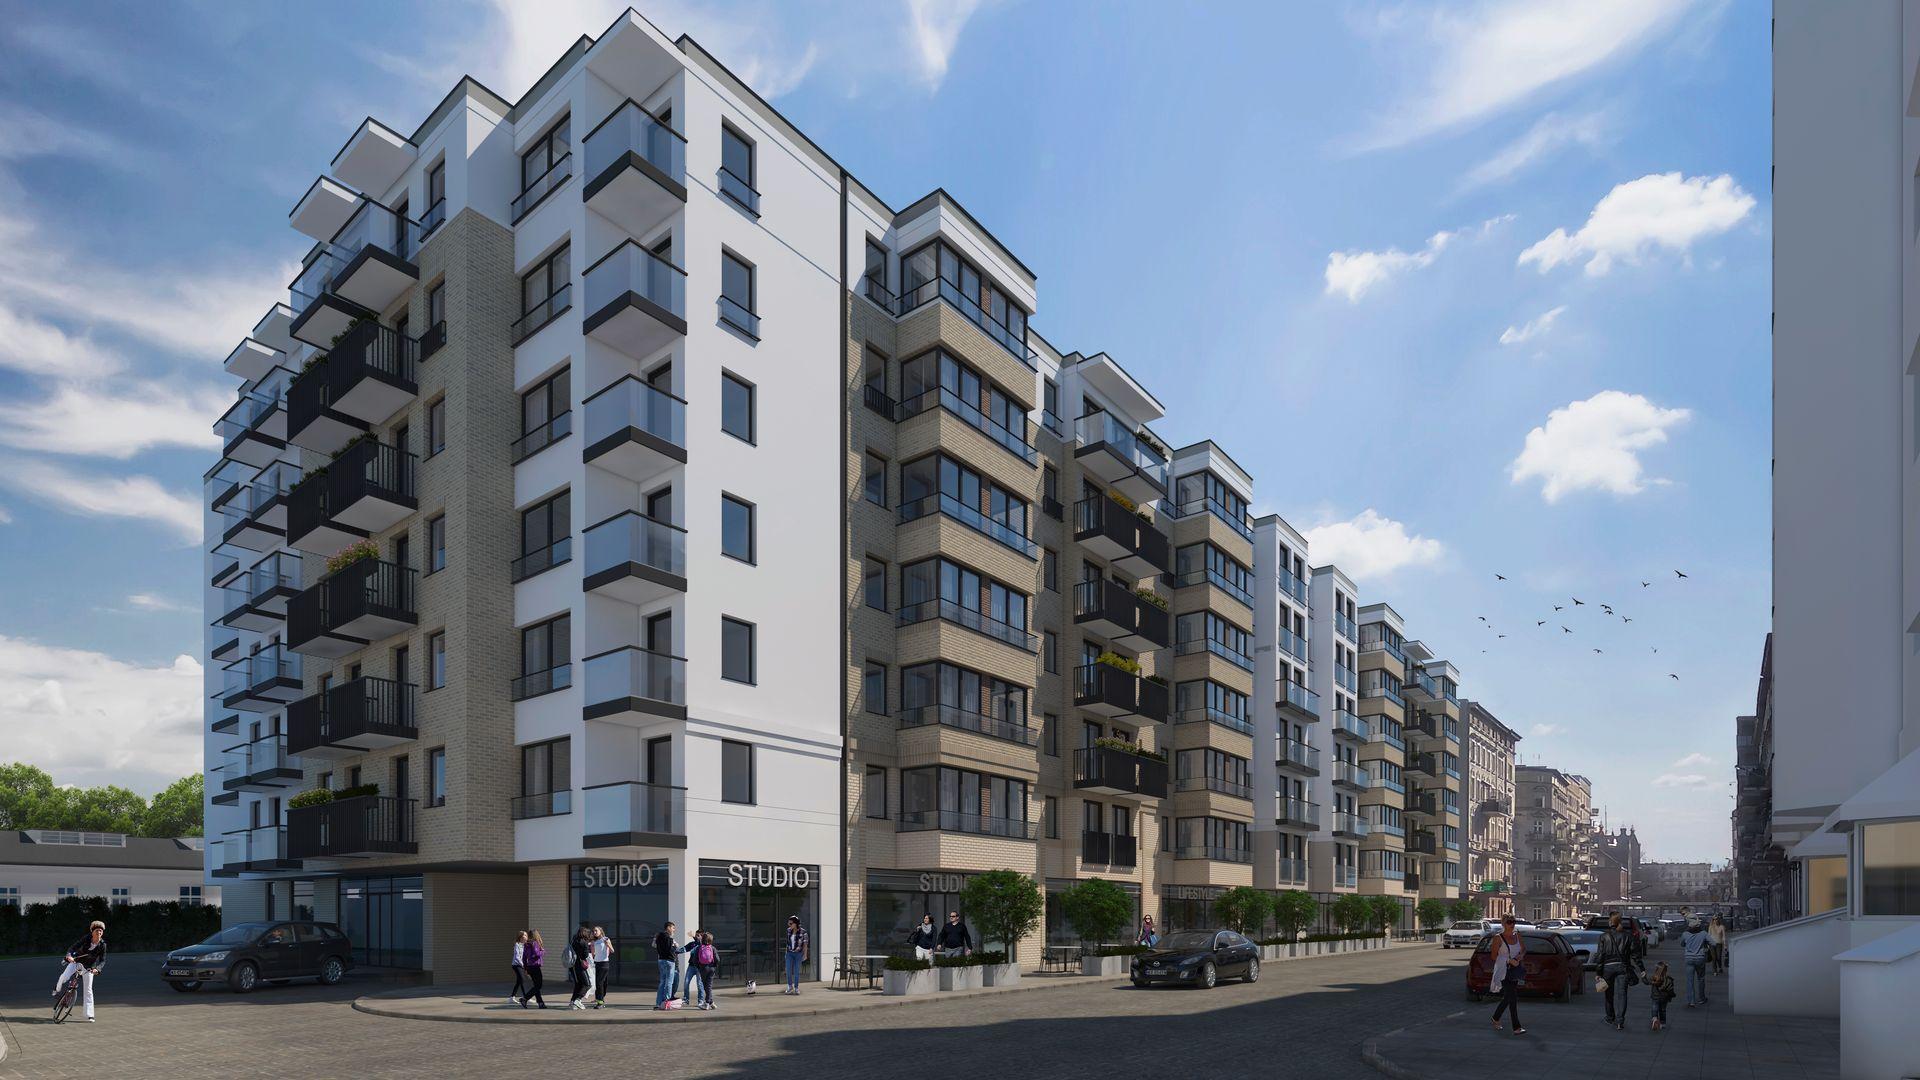 Wrocław: Zajezdnia – Bouygues Immobilier ponownie inwestuje na Nadodrzu. Tym razem postawi nowy blok [WIZUALIZACJA]